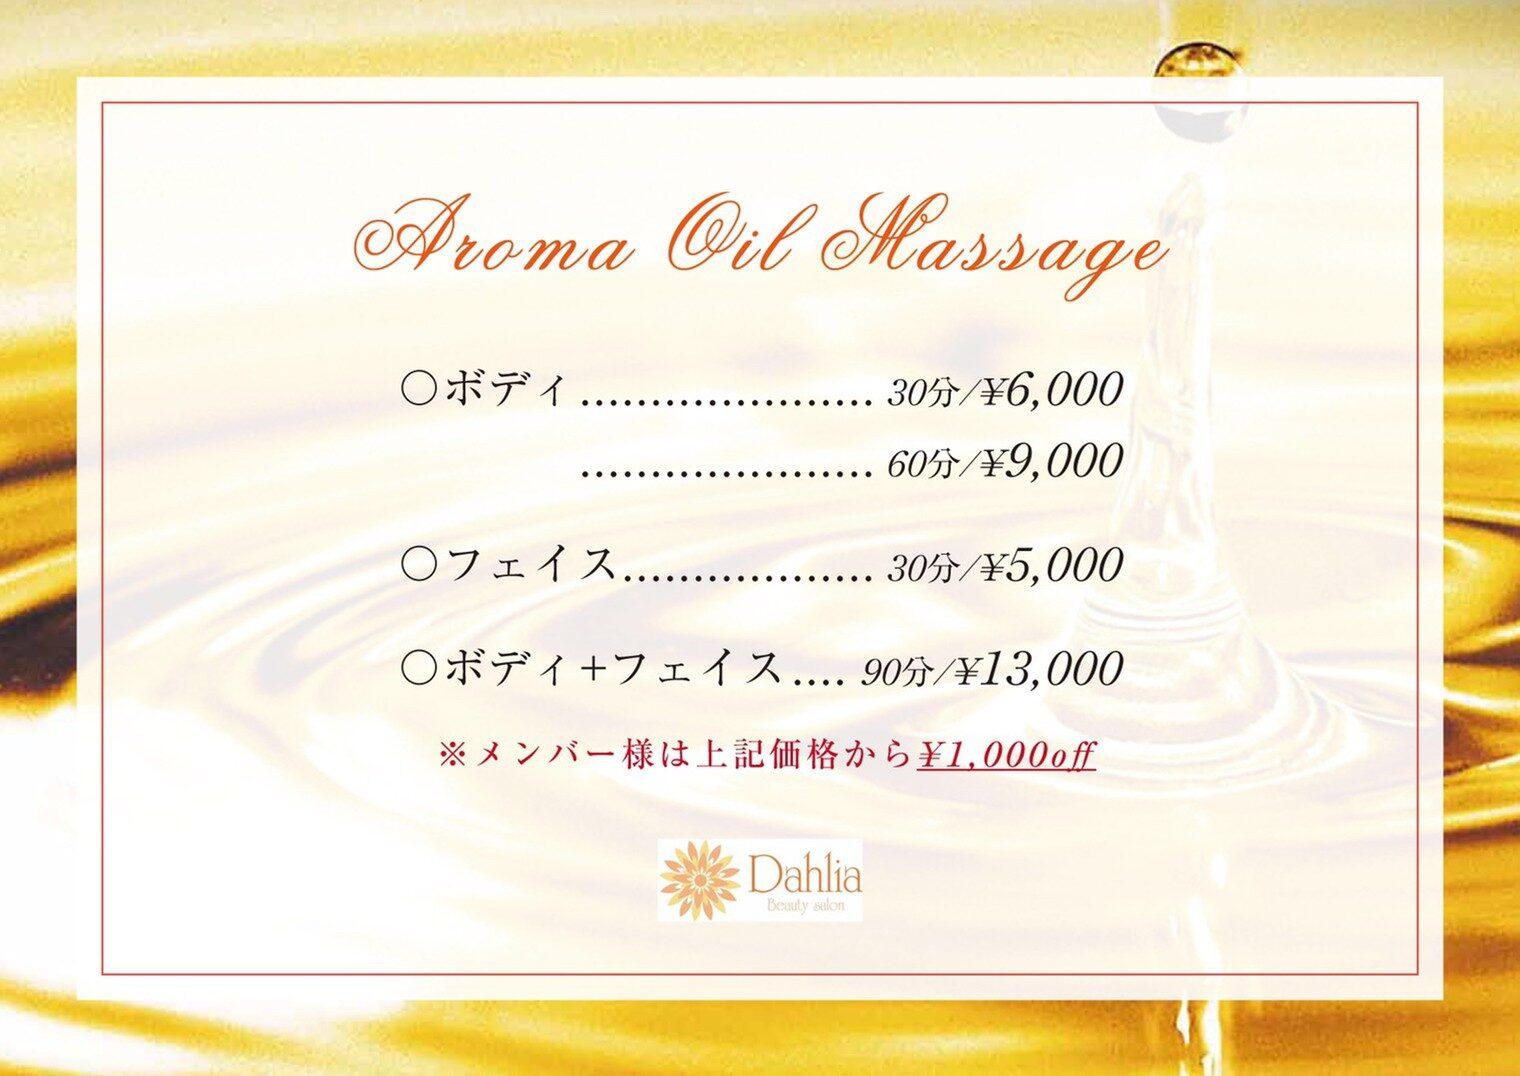 アロママッサージ ボディ: 30分/ ¥6,000              60分/ ¥9,000 フェイス: 30分/ ¥5,000 ボディ+フェイス: 90分/ ¥13,000 *メンバー様は上記価格から¥1,000off